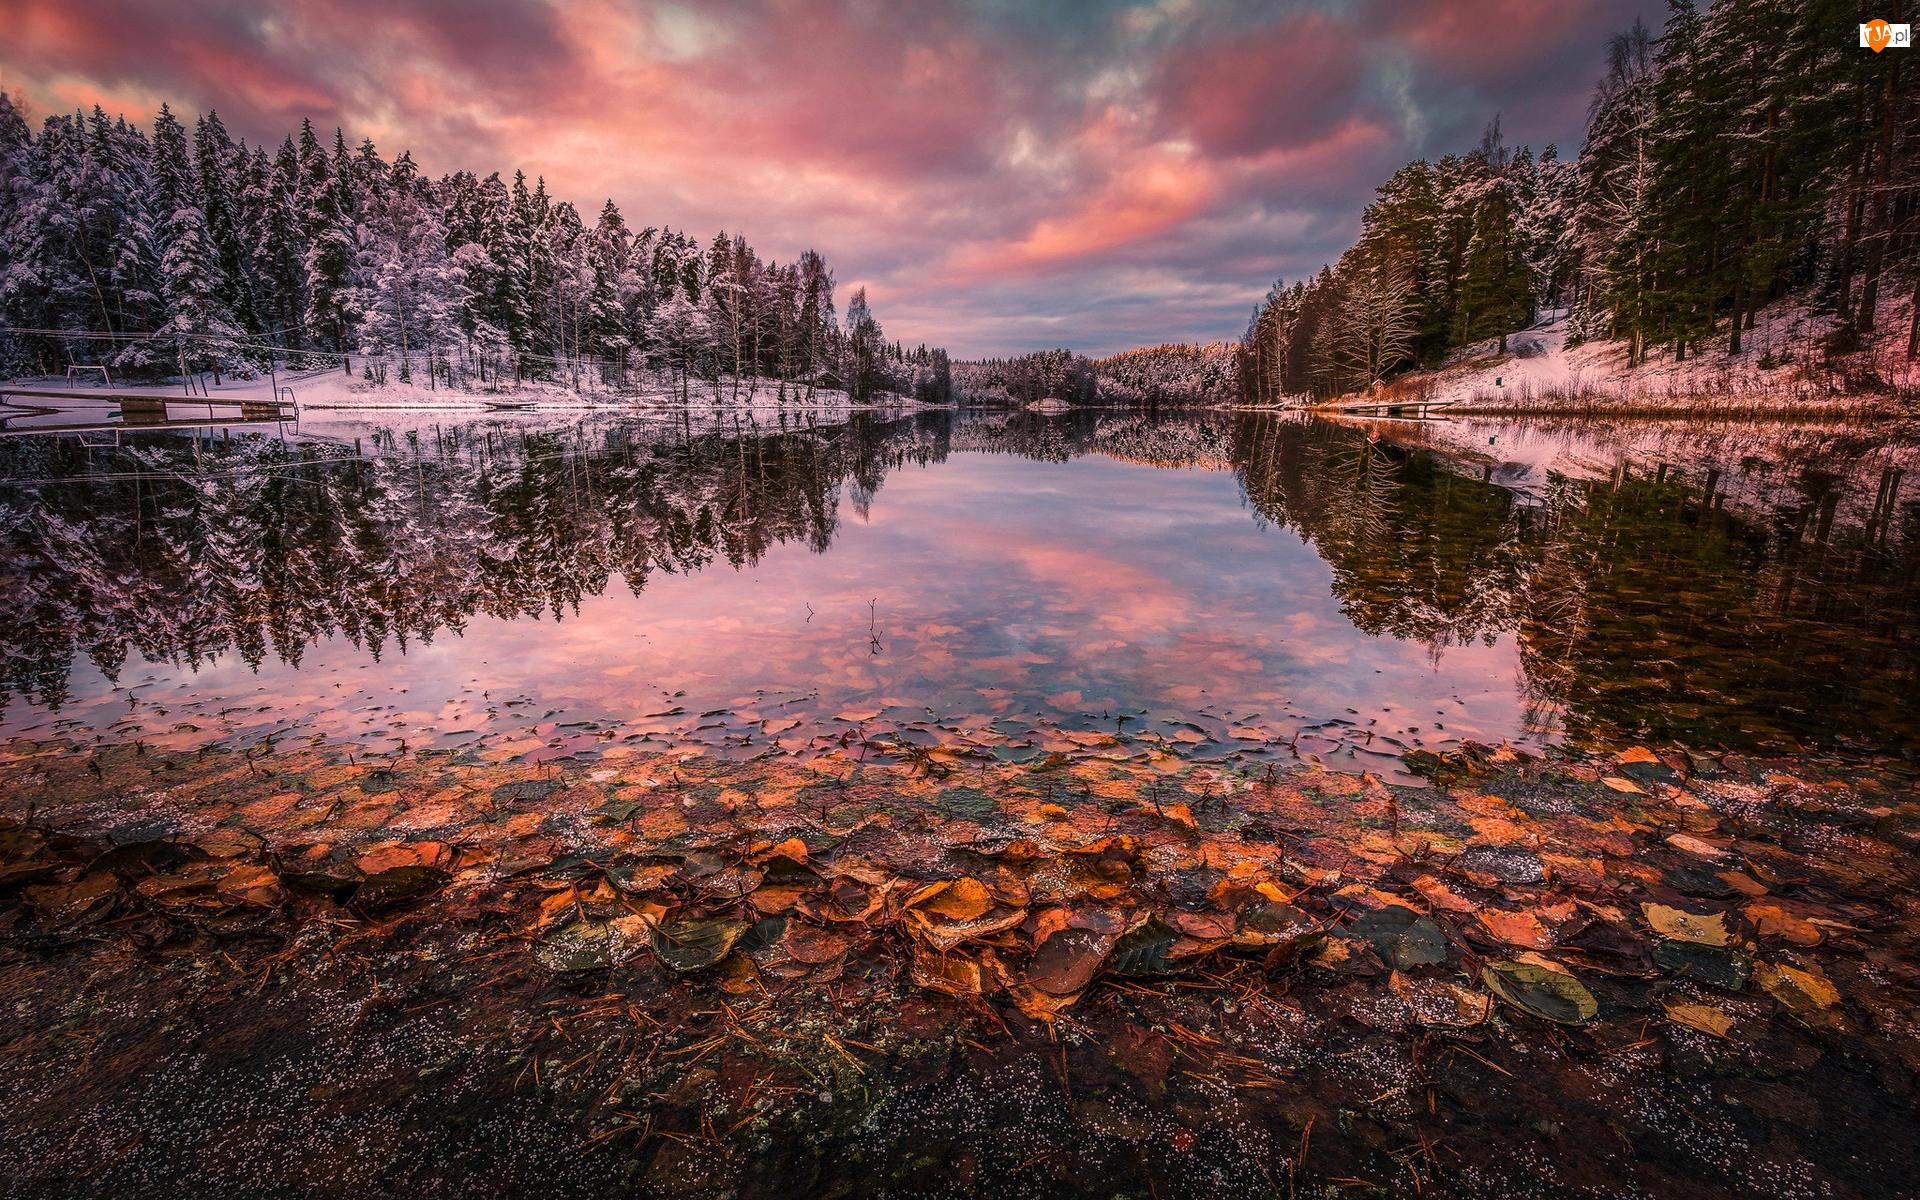 Liście, Drzewa Jezioro, Jezioro, Zima, Ośnieżone